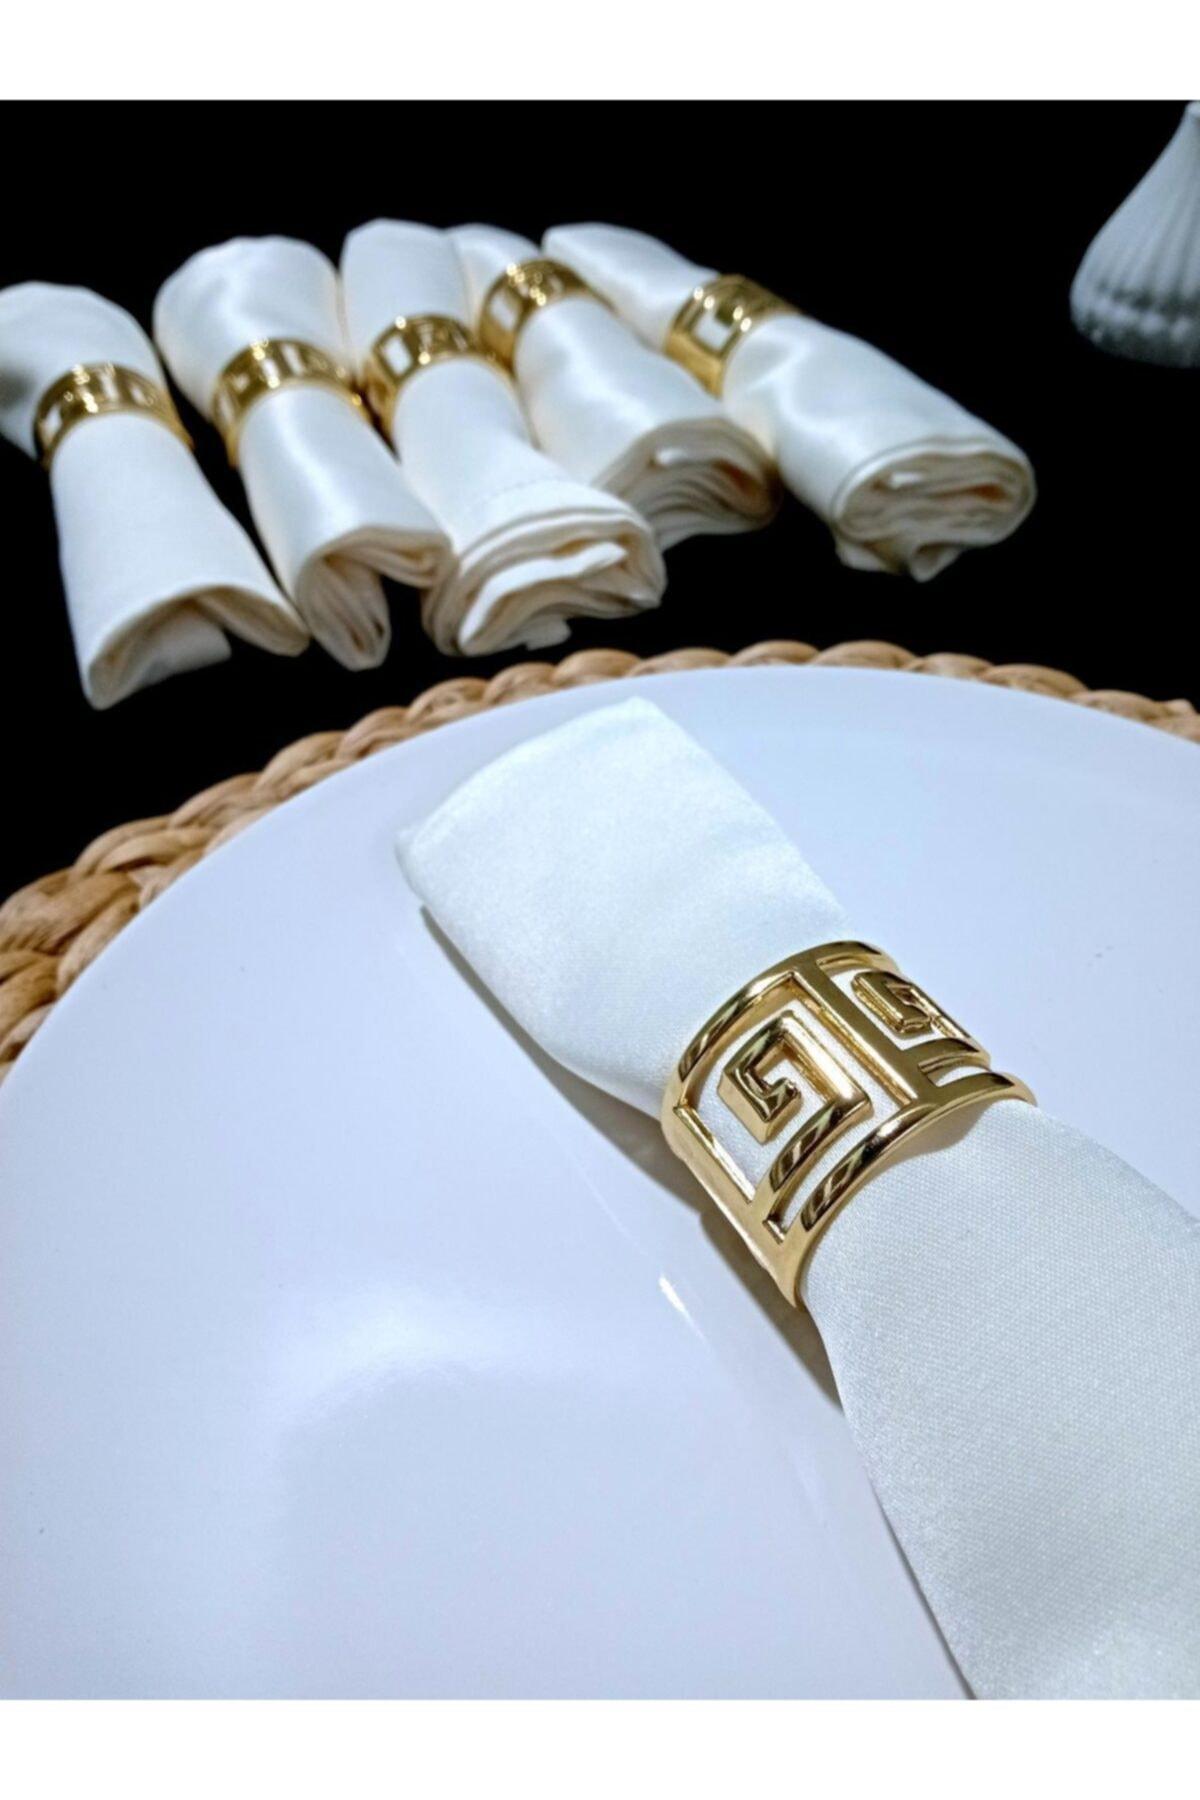 Peçete Yüzüğü Altın Renk Labirent Desenli Paslanmaz Çelik 6'lı Set